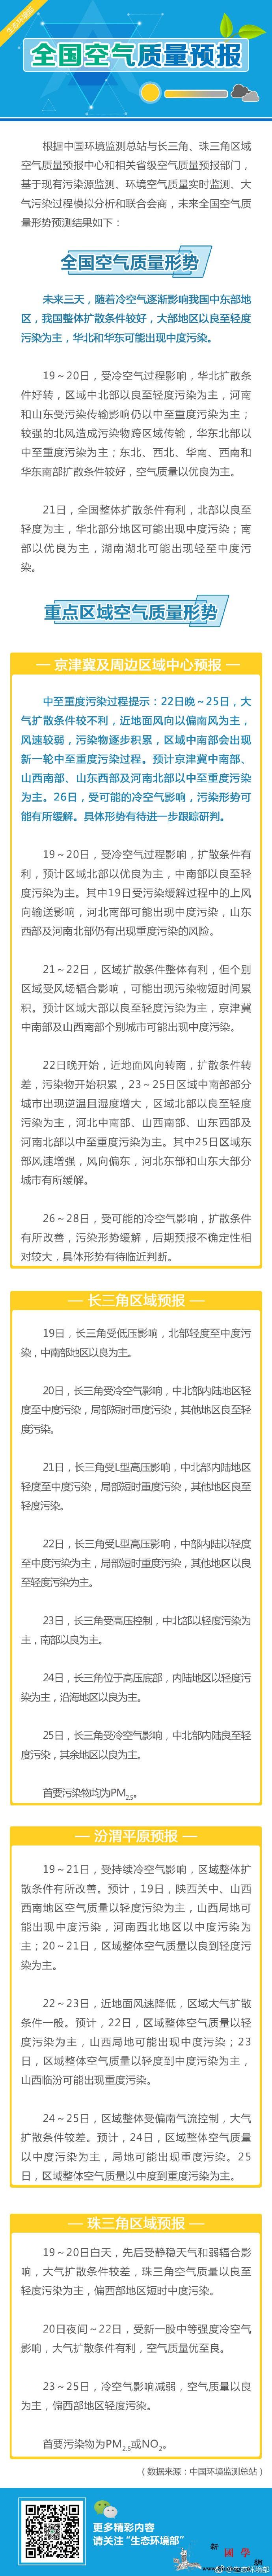 未来三天空气质量:华北和华东可能出现_华北-较好-冷空气-